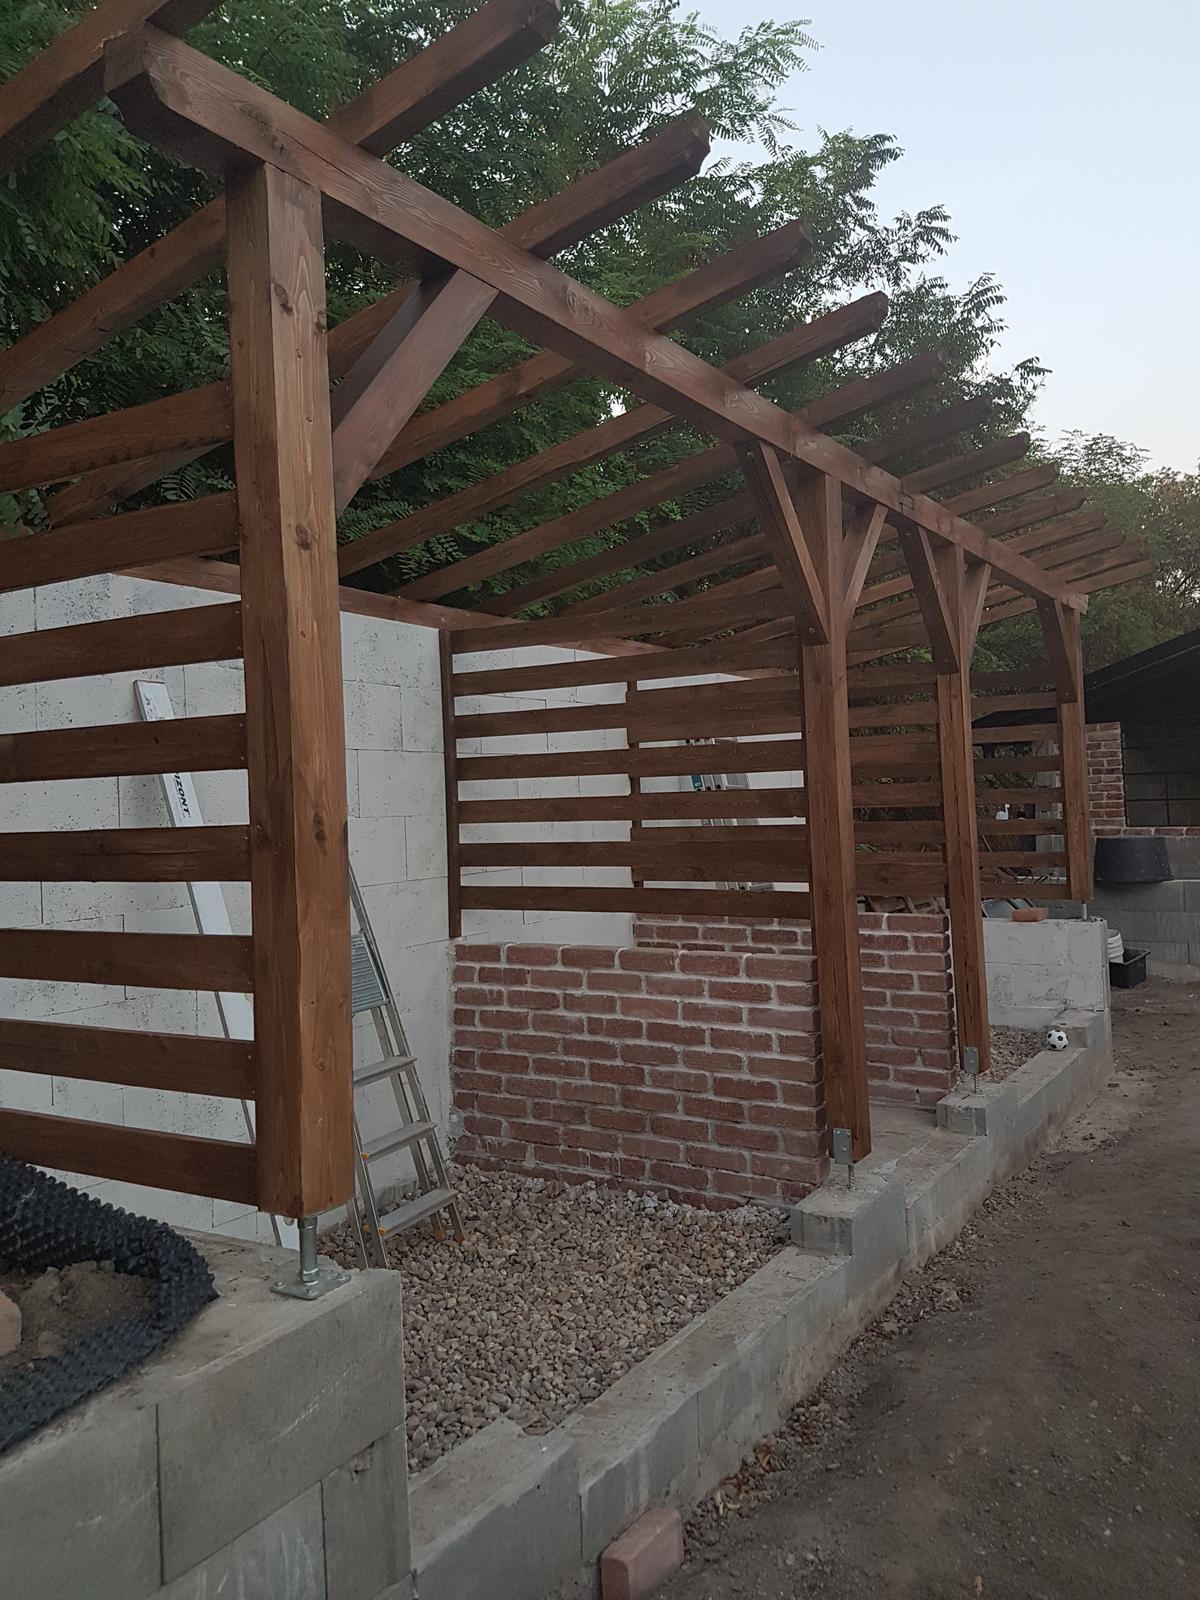 Drevník a kafé kútik - projekt roku  2018 - Kóje sú dokončené, škrtám ďalší bod.